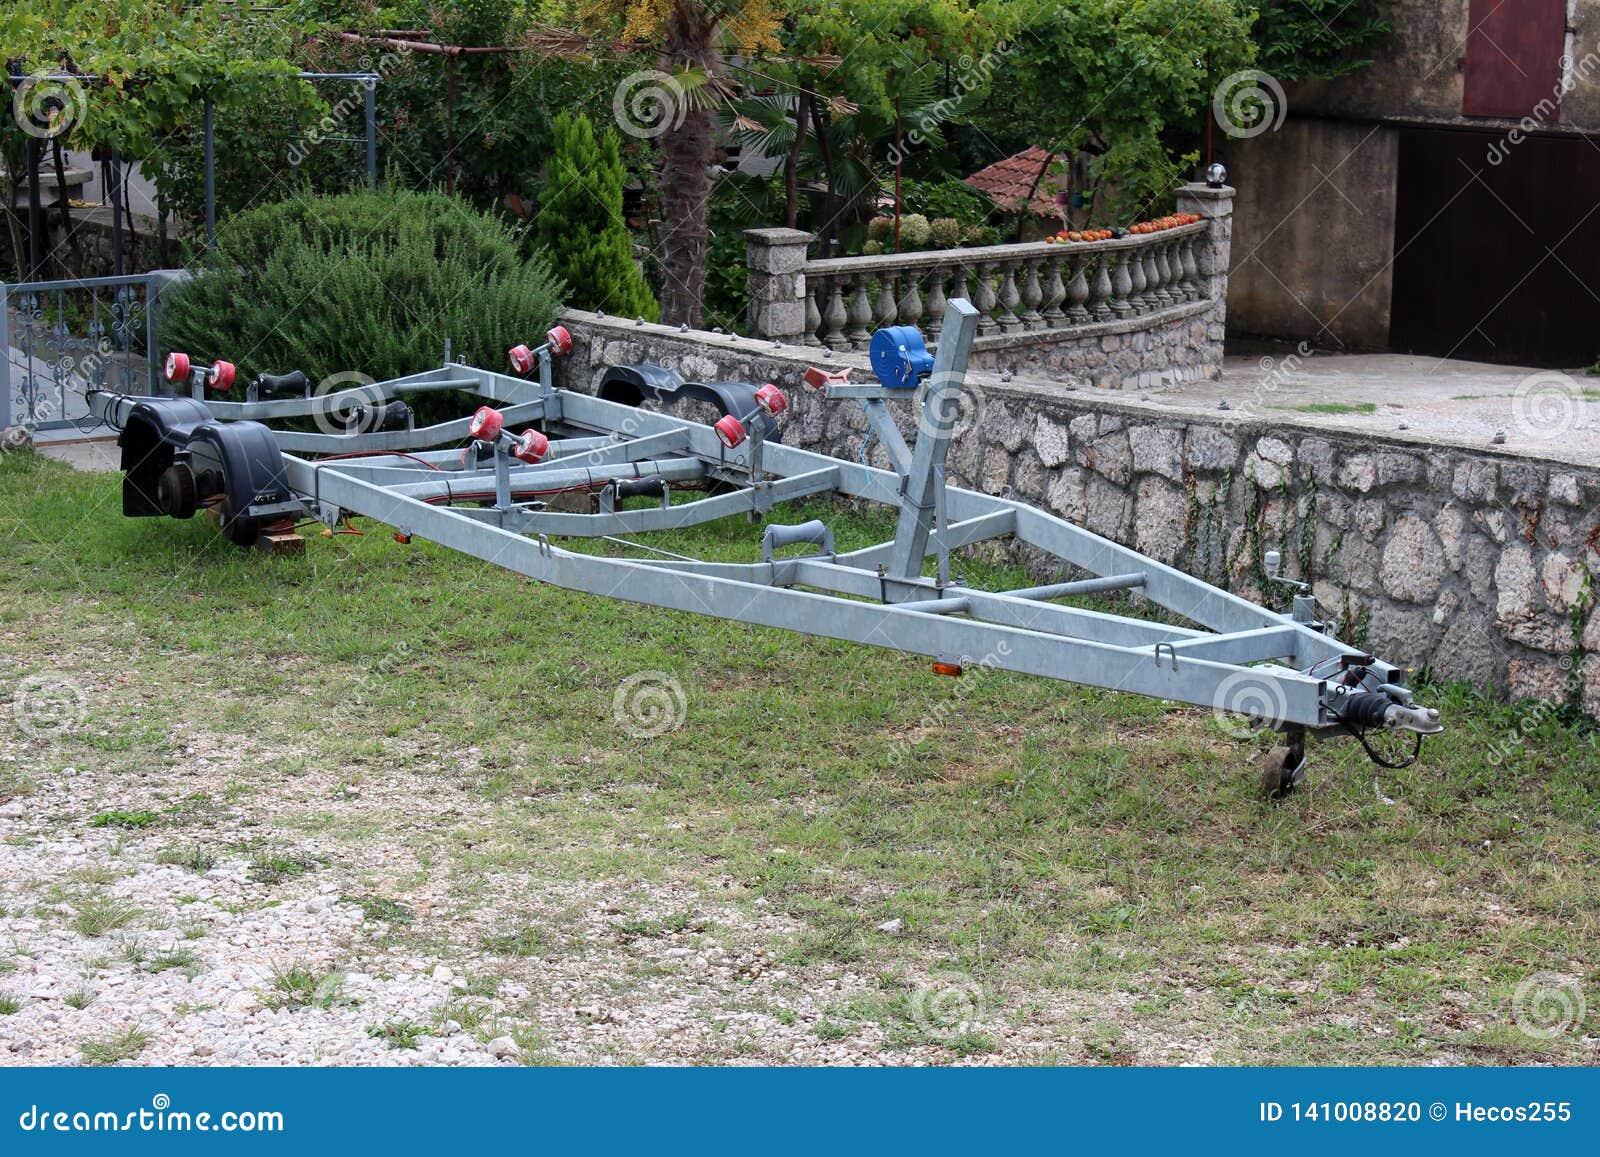 Reboque do barco do metal estacionado no quintal sem pneumáticos que esperam o verão ao lado da parede de pedra tradicional com g